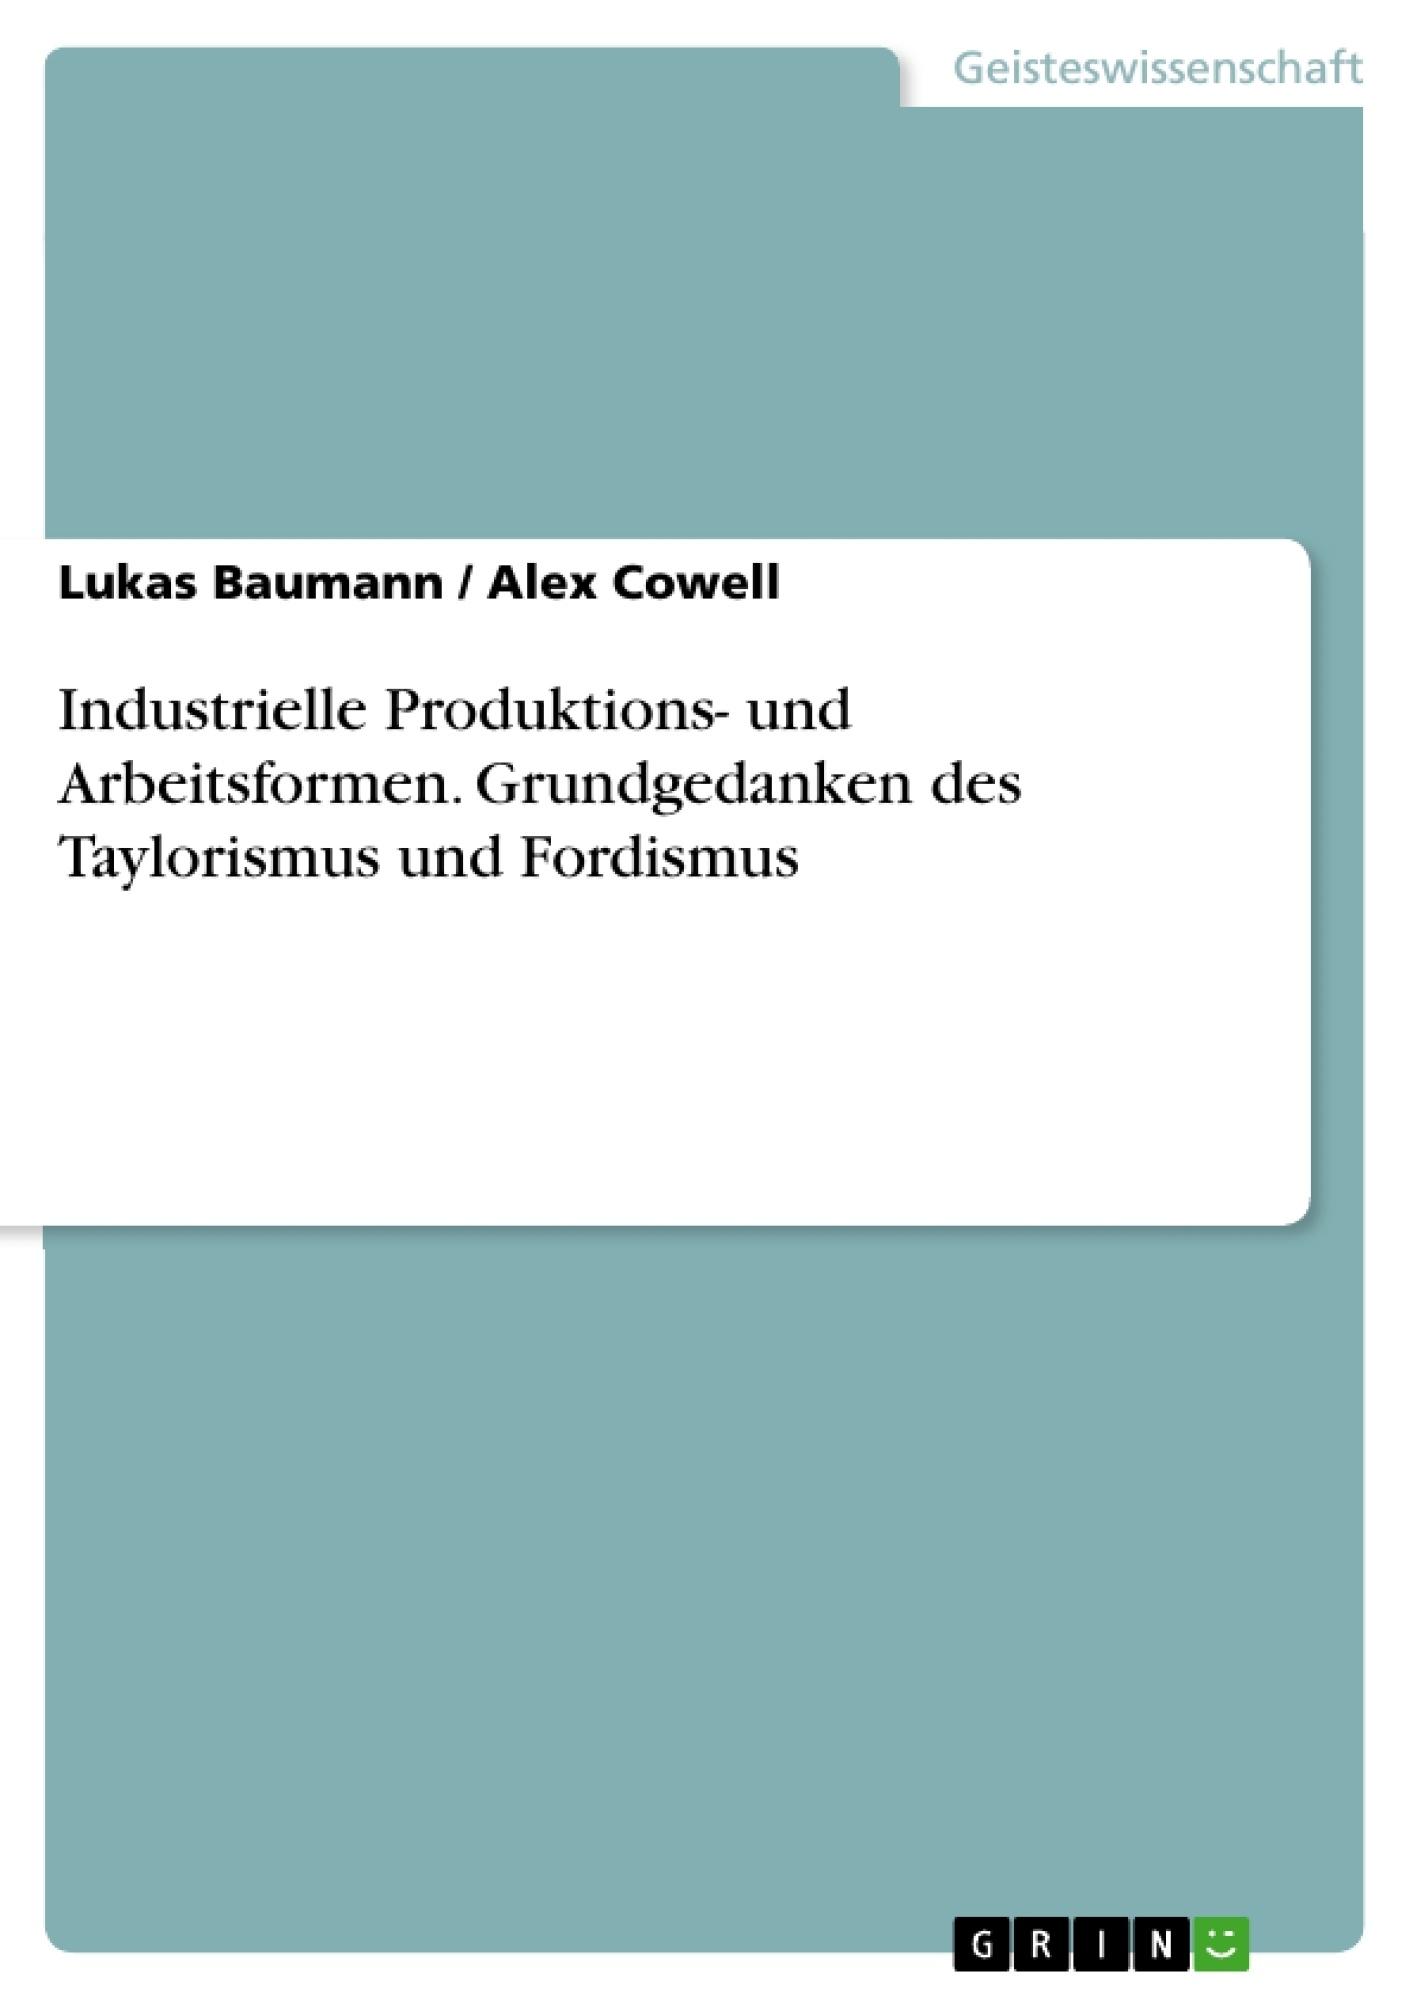 Titel: Industrielle Produktions- und Arbeitsformen. Grundgedanken des Taylorismus und Fordismus